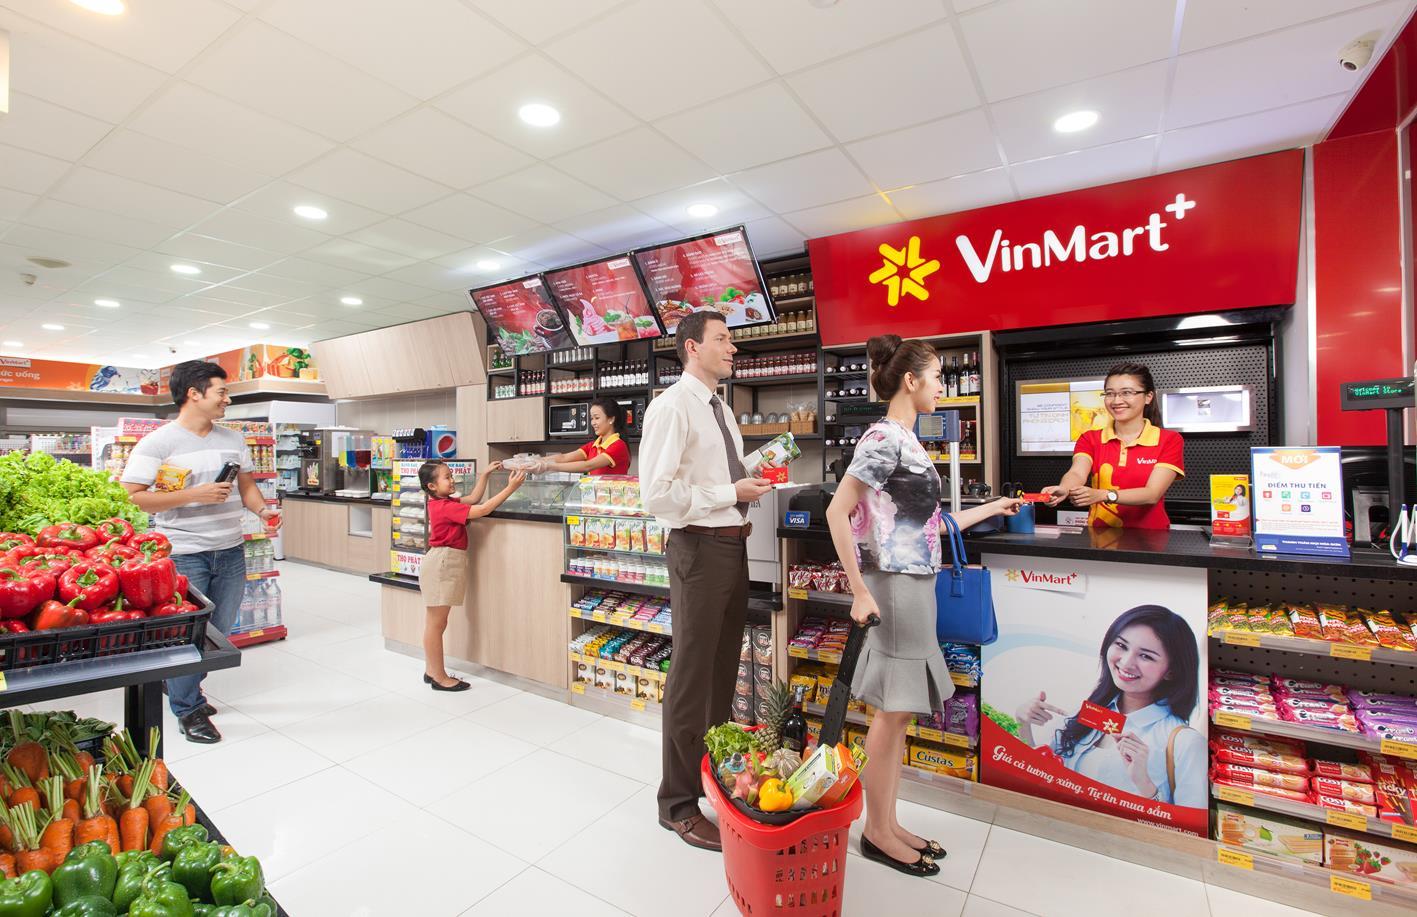 Phó Chủ tịch Vingroup: Vinmart+ không phải để bán cho nước ngoài